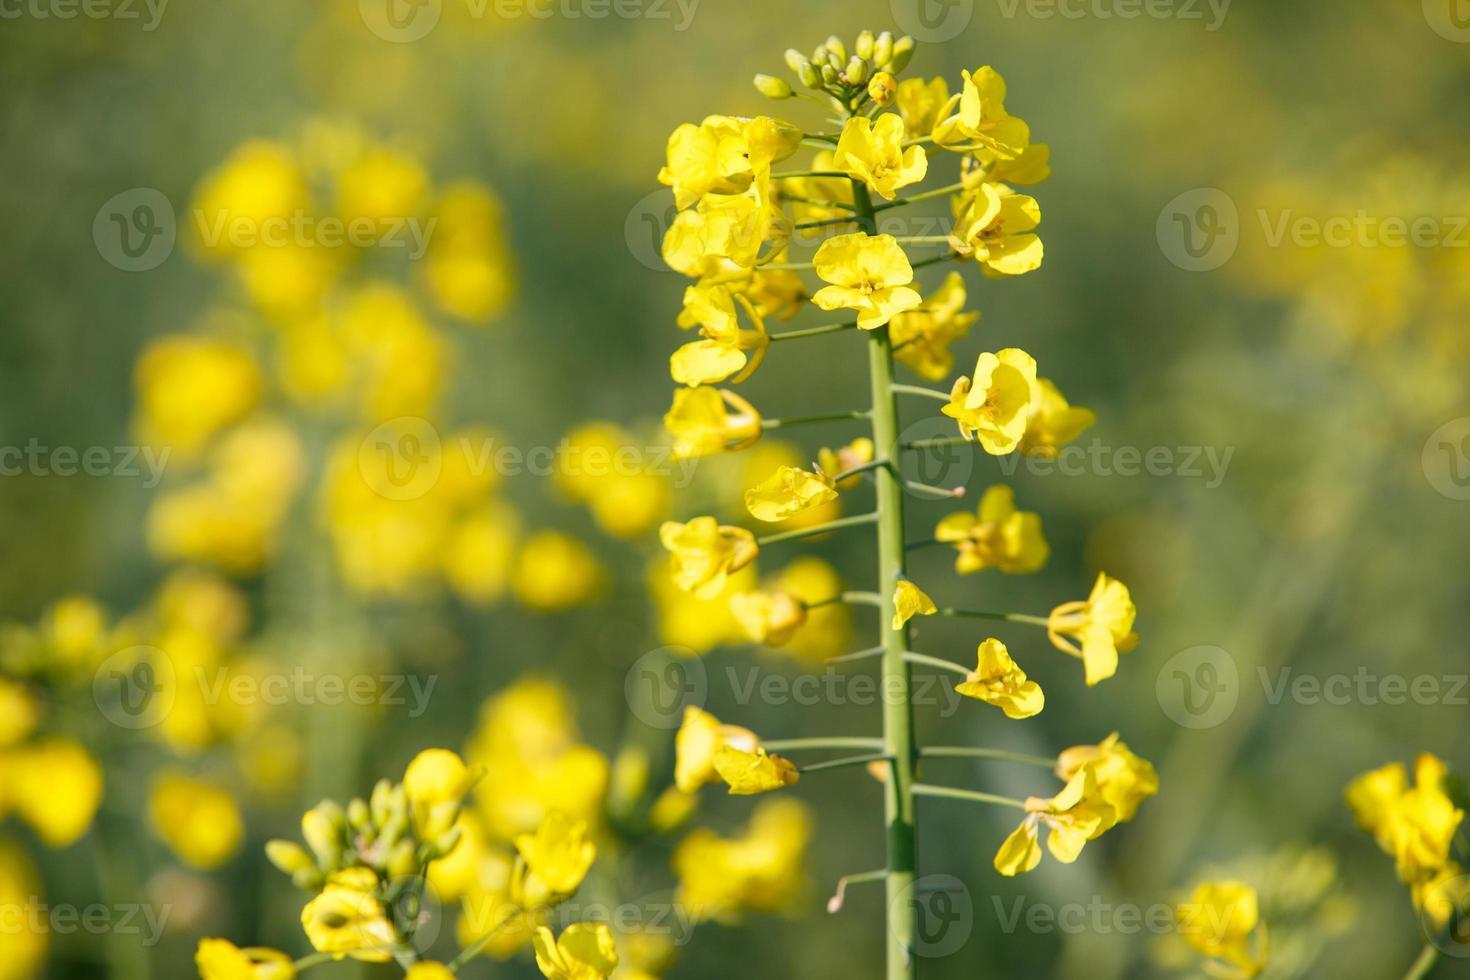 Rapspflanze foto